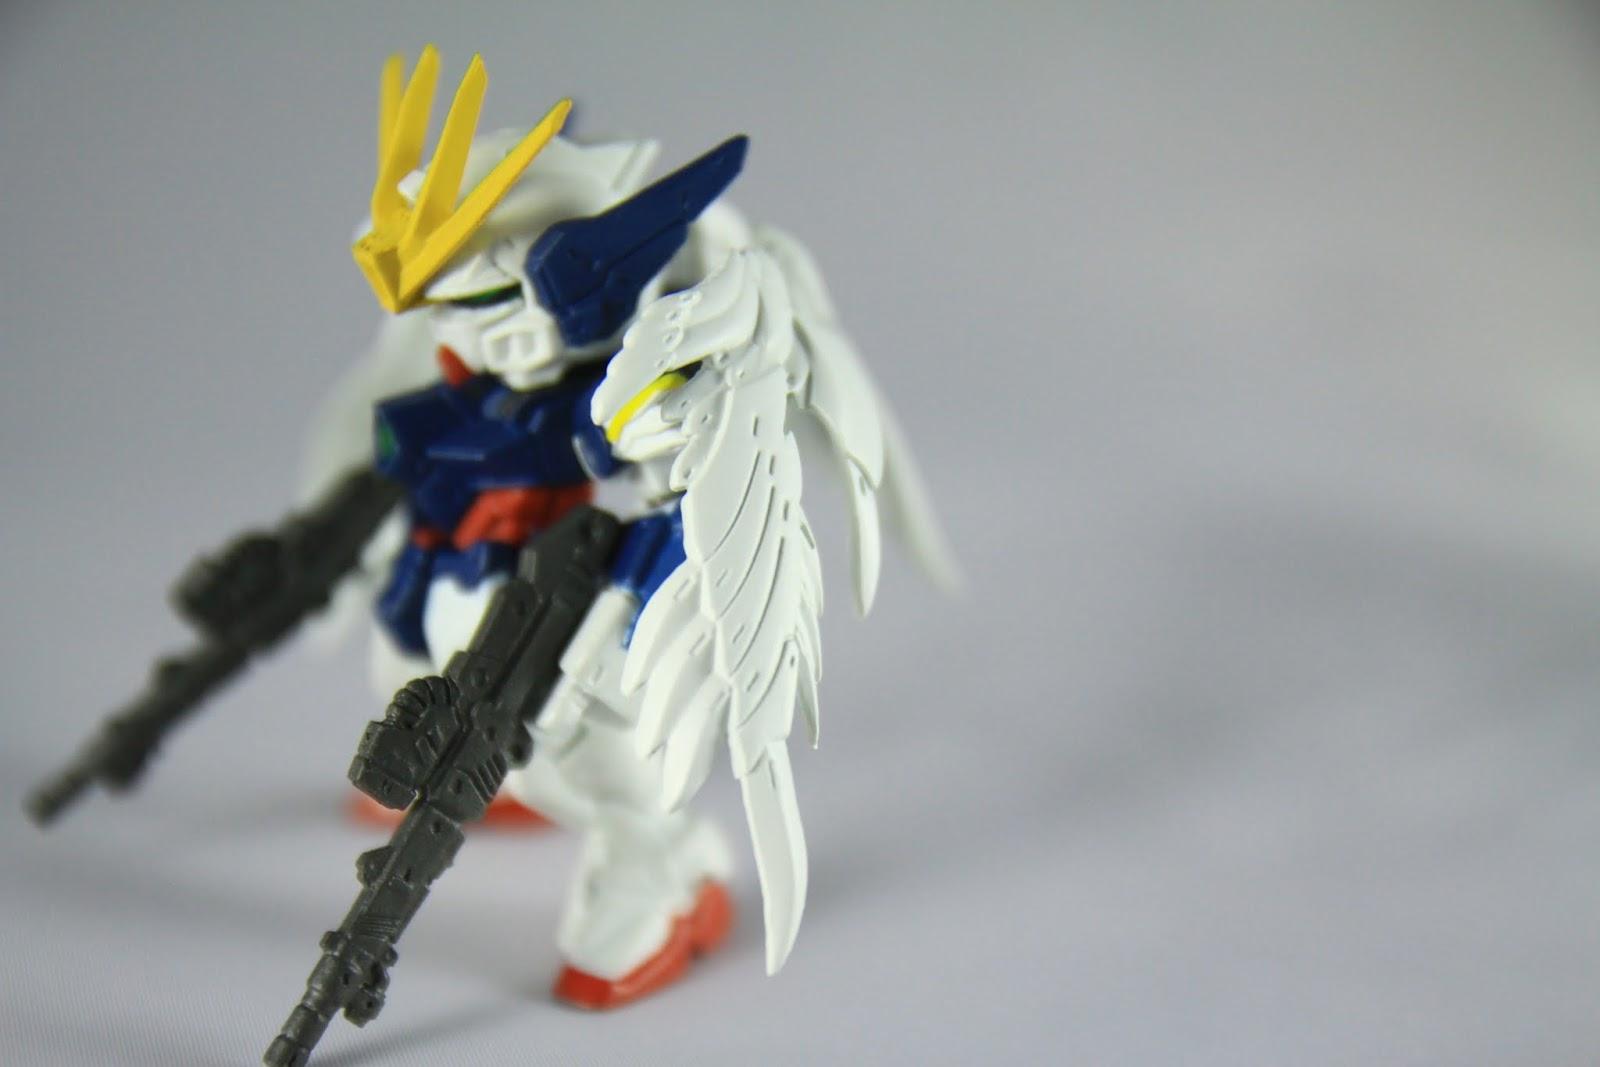 本機的最大特徵 - 多功能型雞翅! 不但身兼推進器 也可以當成突入大氣層的防護層 更厲害的是 主要武器雙管加農砲竟然也是放在翅膀裡! 但是翅膀在飛行的時候會擺動耶! 硬梆梆的槍身到底是擺在翅膀的哪啊? 超謎的~